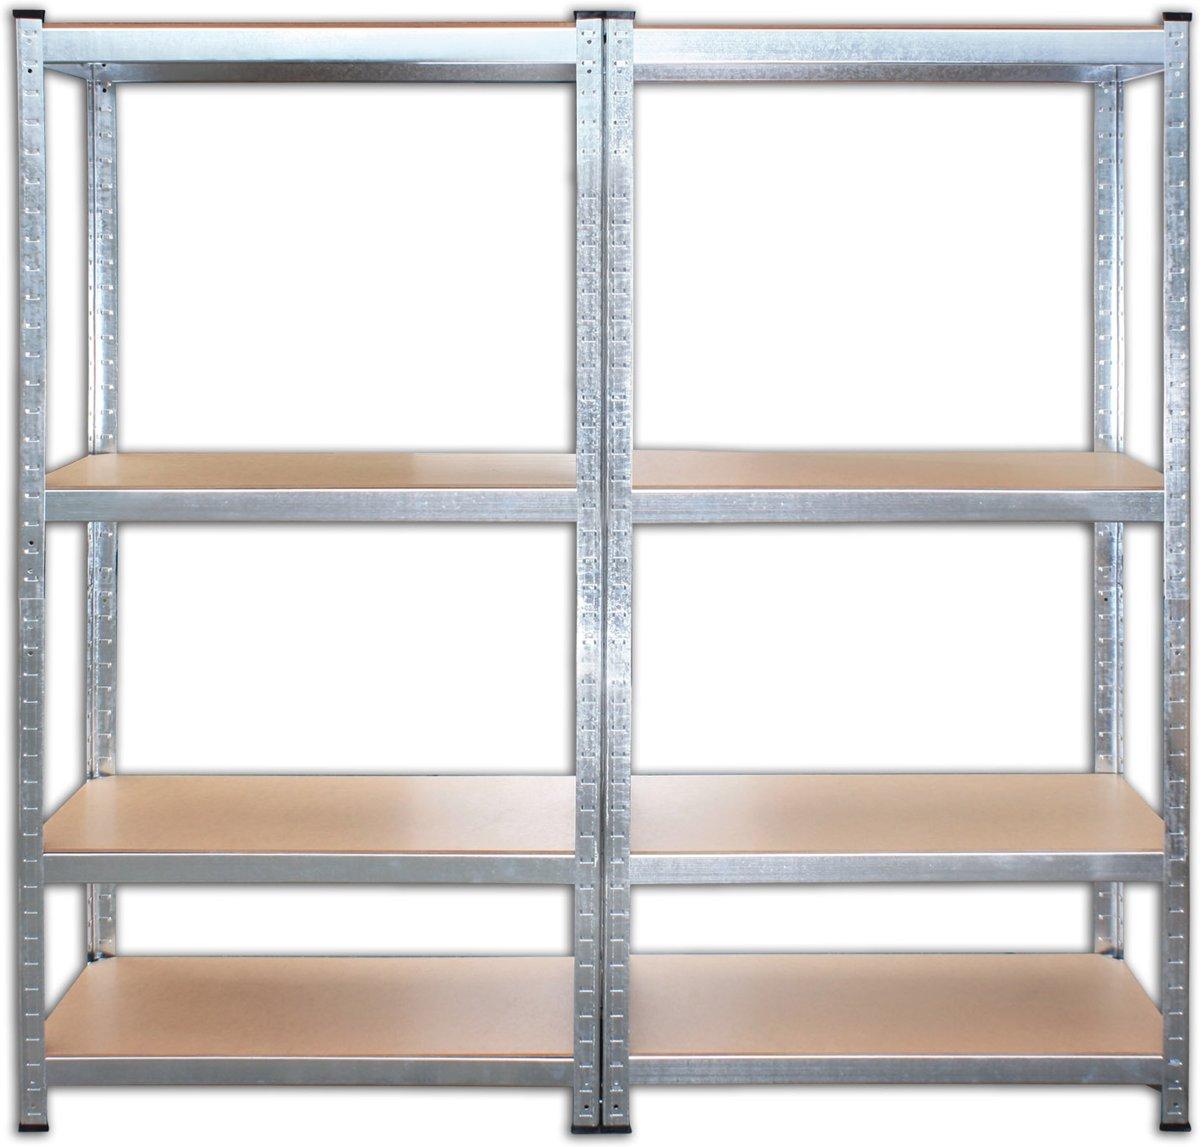 XL Stellingkast Magazijnrek - Voorraadkast Stellingrek - Legbordstelling - Wand Voorraadrek Opberg Stelling